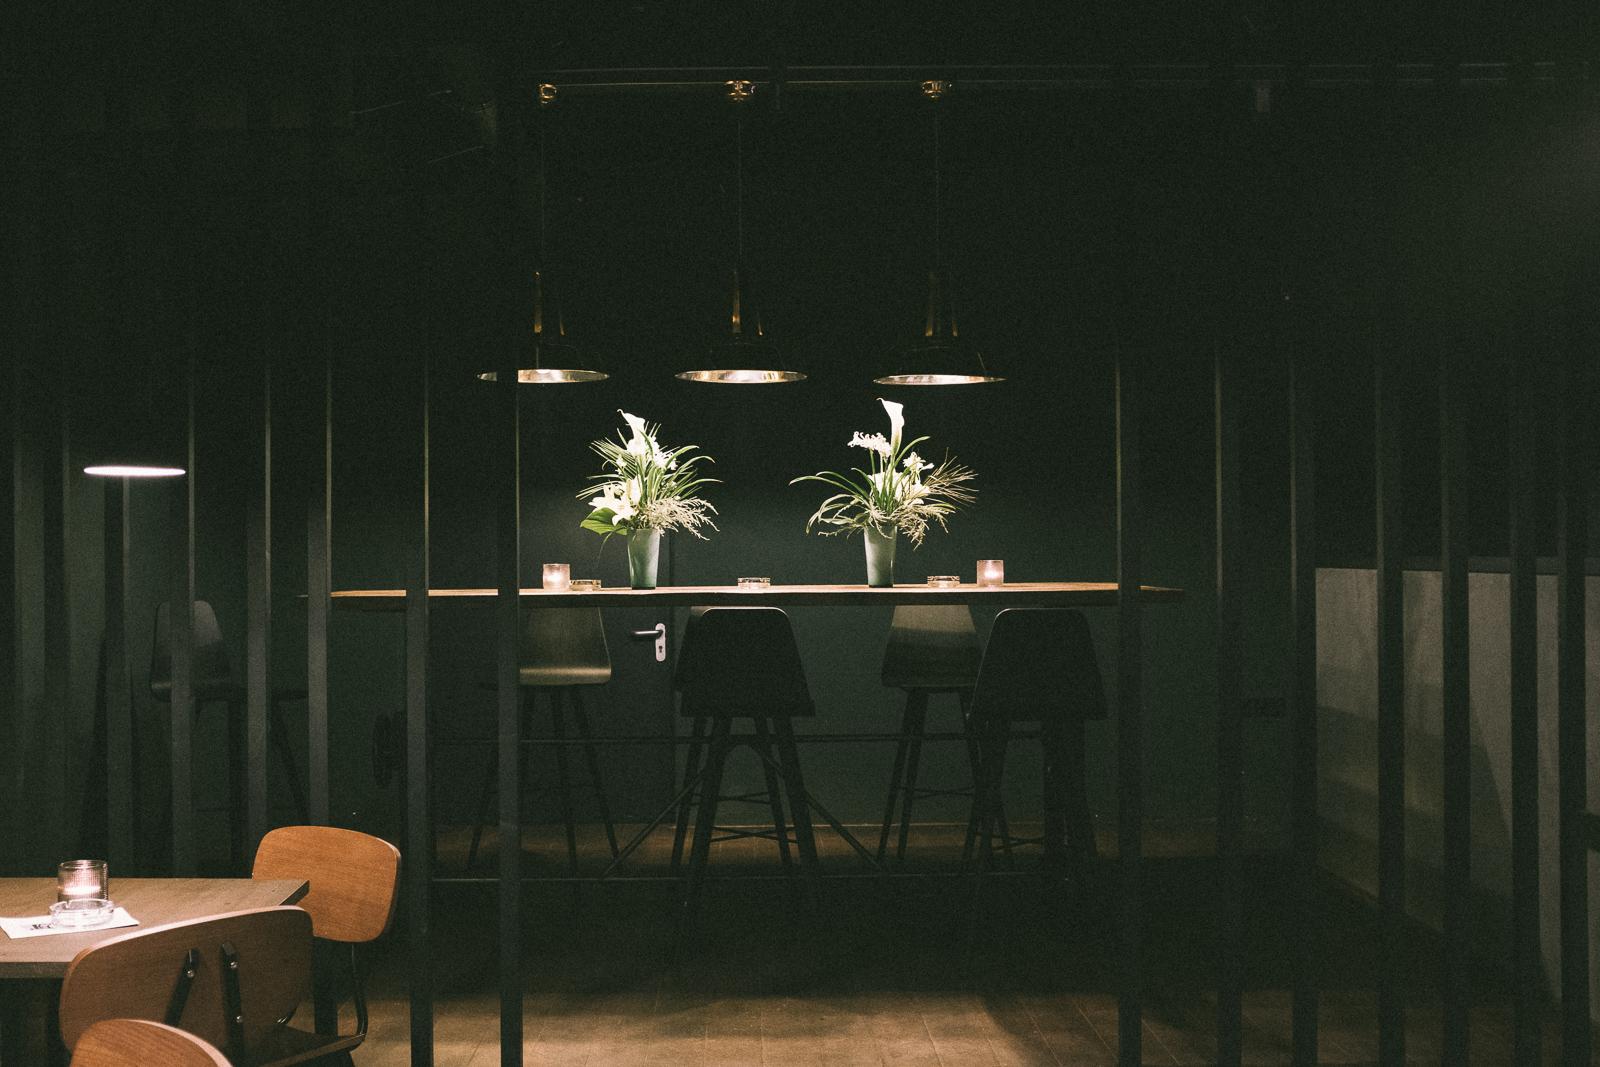 Chambre Basse | Monday2Sunday